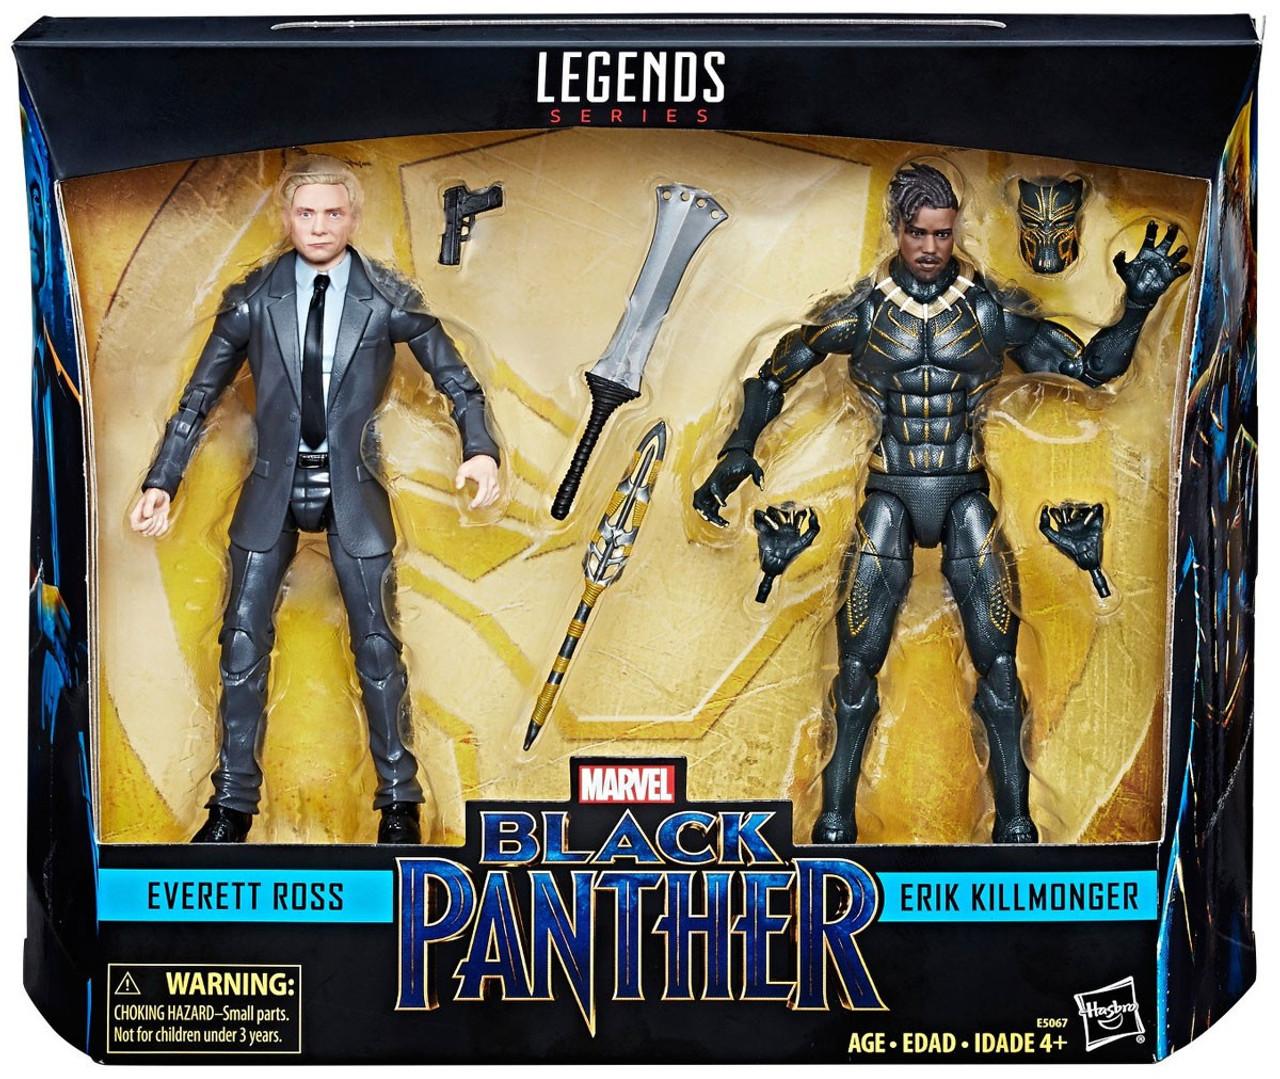 Marvel Legends Series Black Panther 2 Pack Everett Ross /& Erik Killmonger